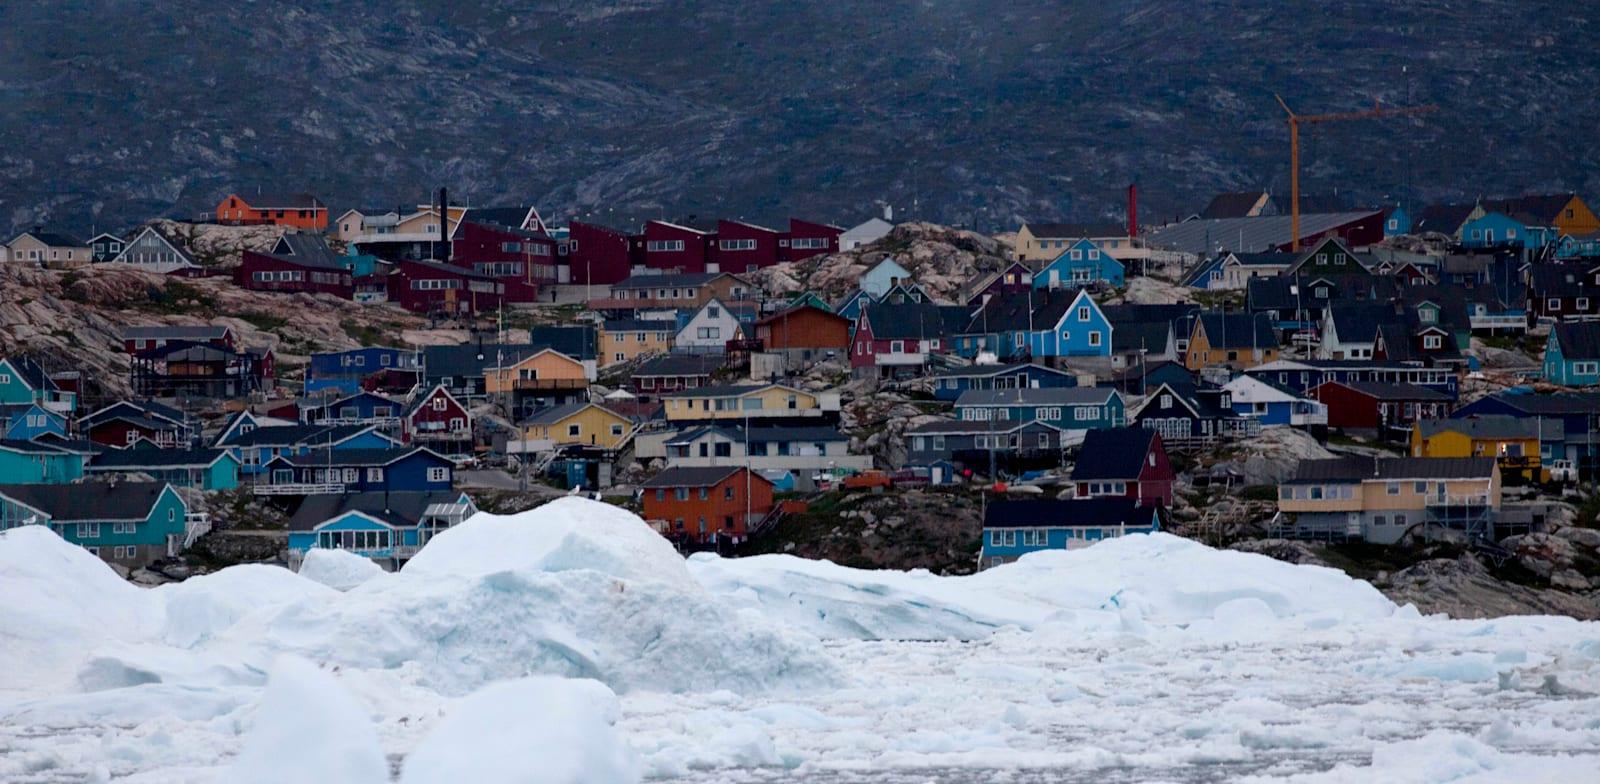 העיירה השלישית בגודלה בגרינלנד, אילוליסאט / צילום: Associated Press, Brennan Linsley